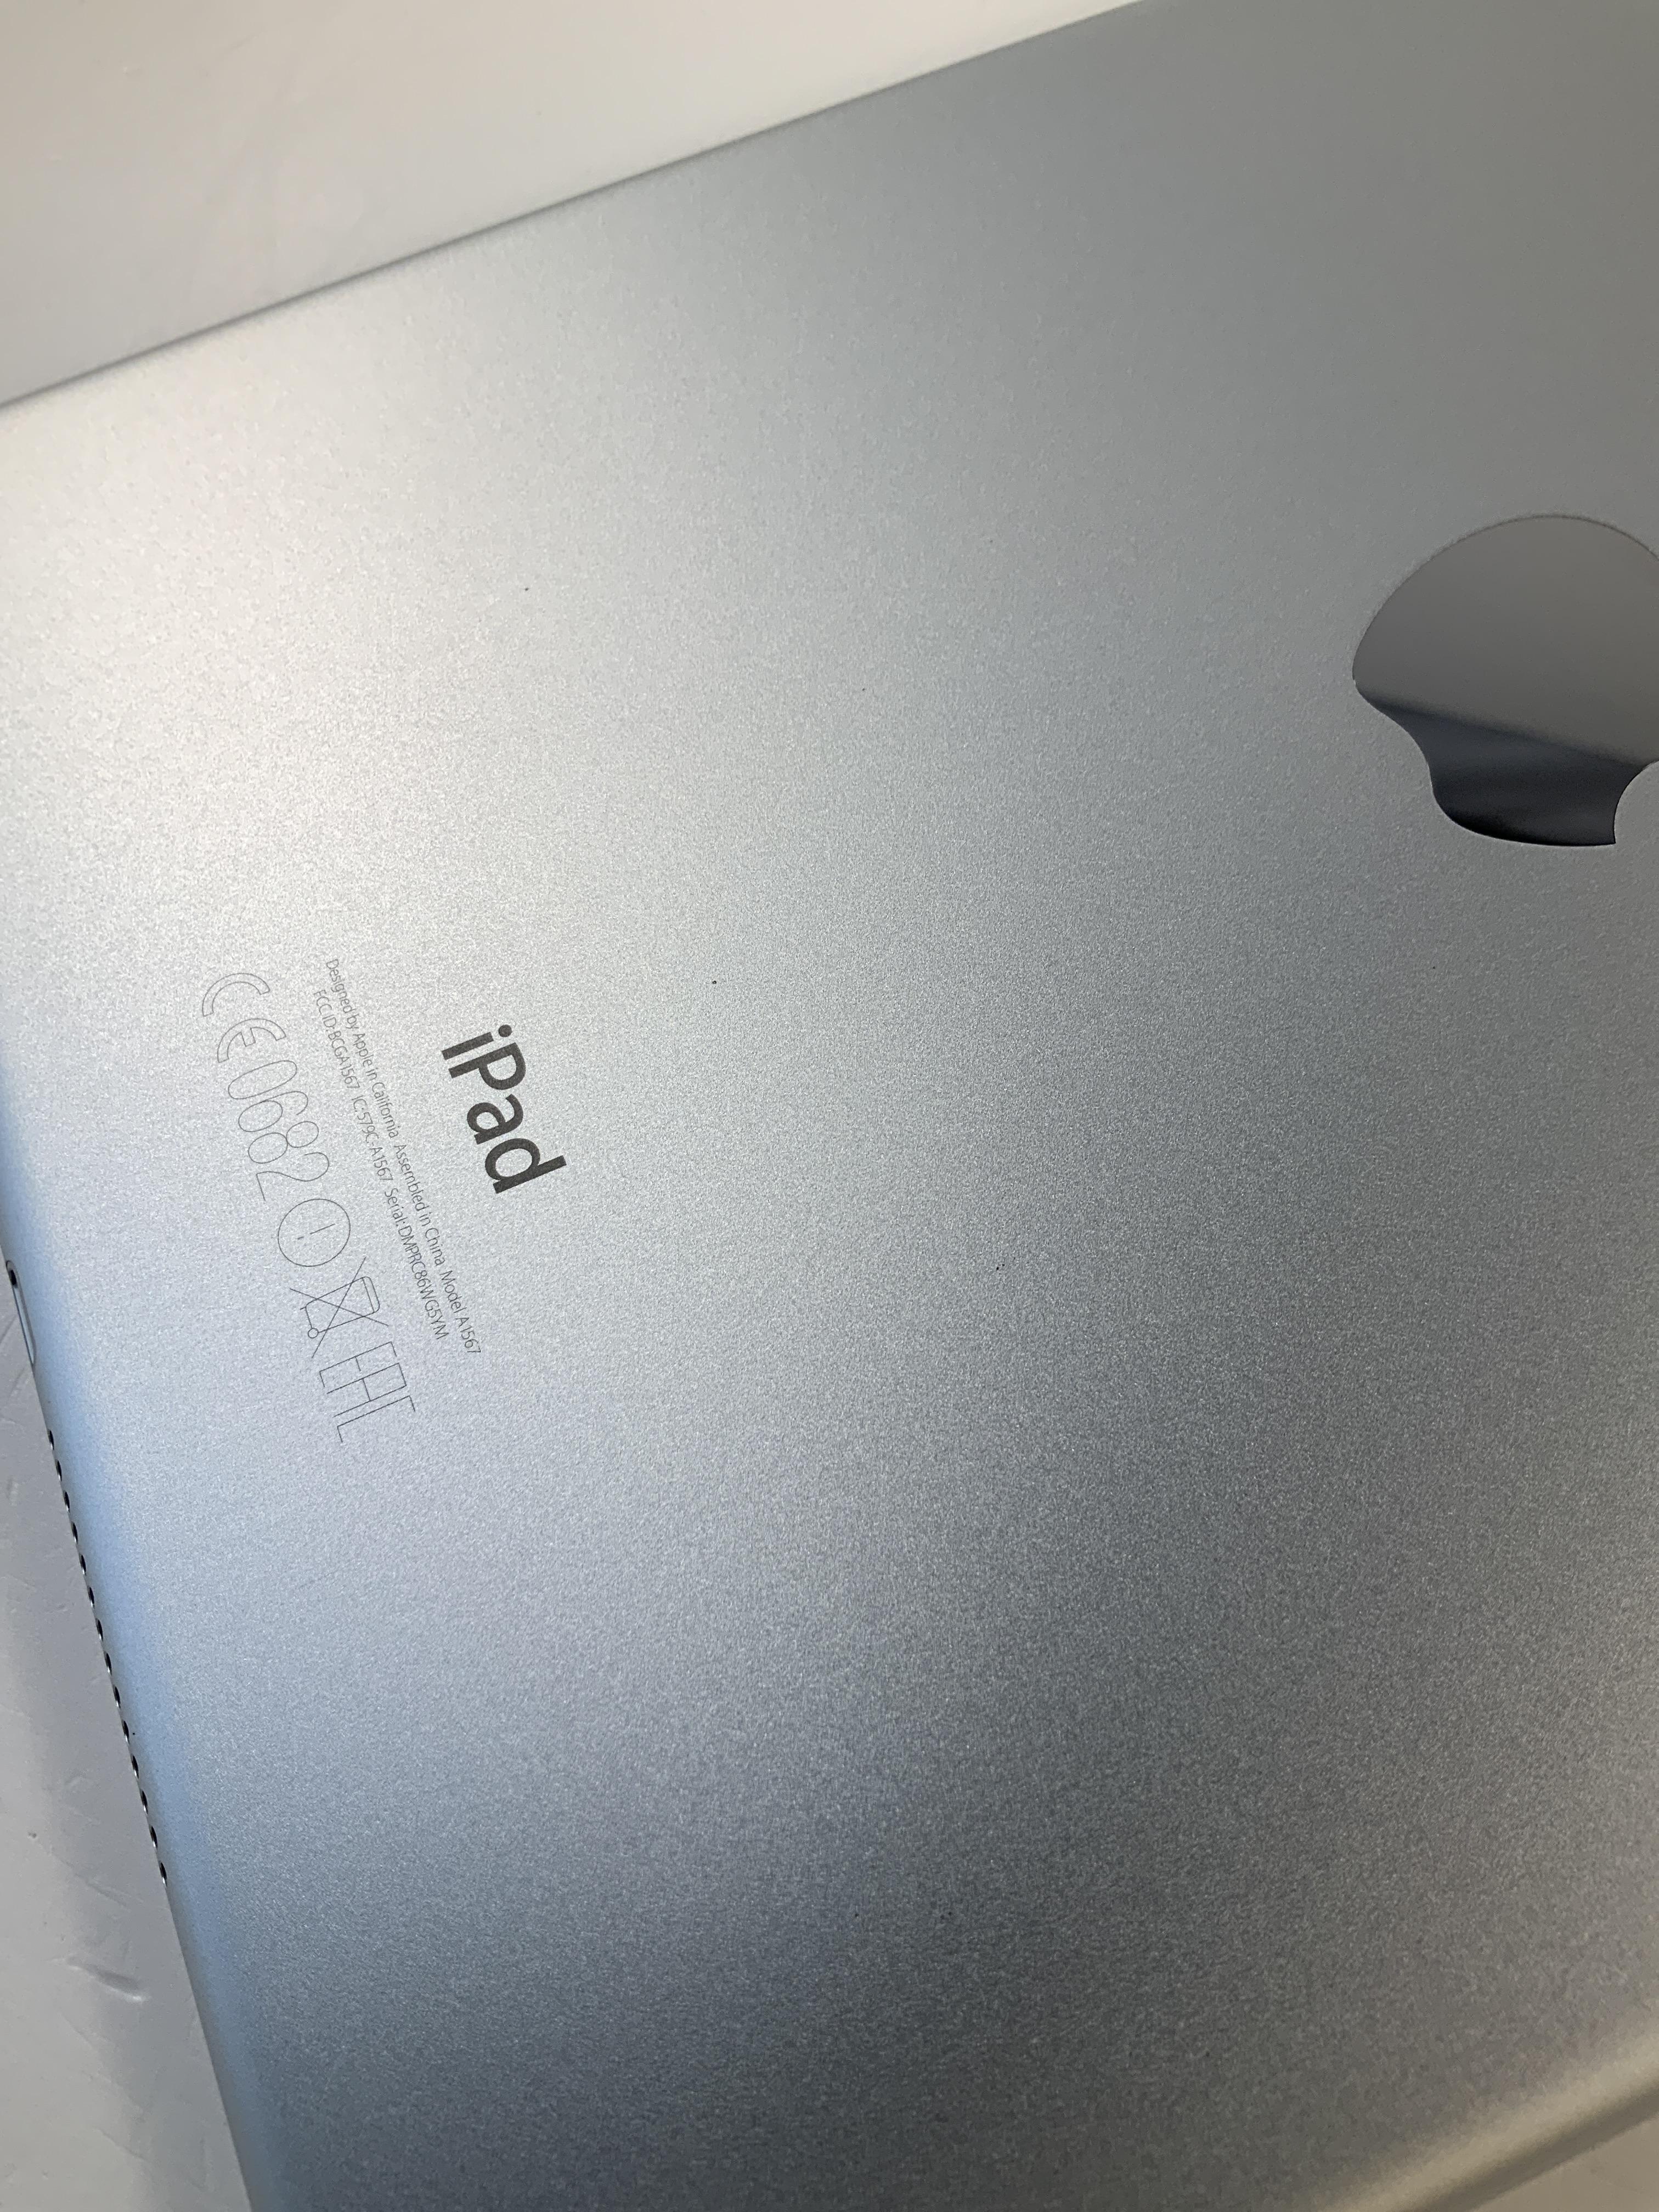 iPad Air 2 Wi-Fi + Cellular 64GB, 64GB, Silver, Kuva 4